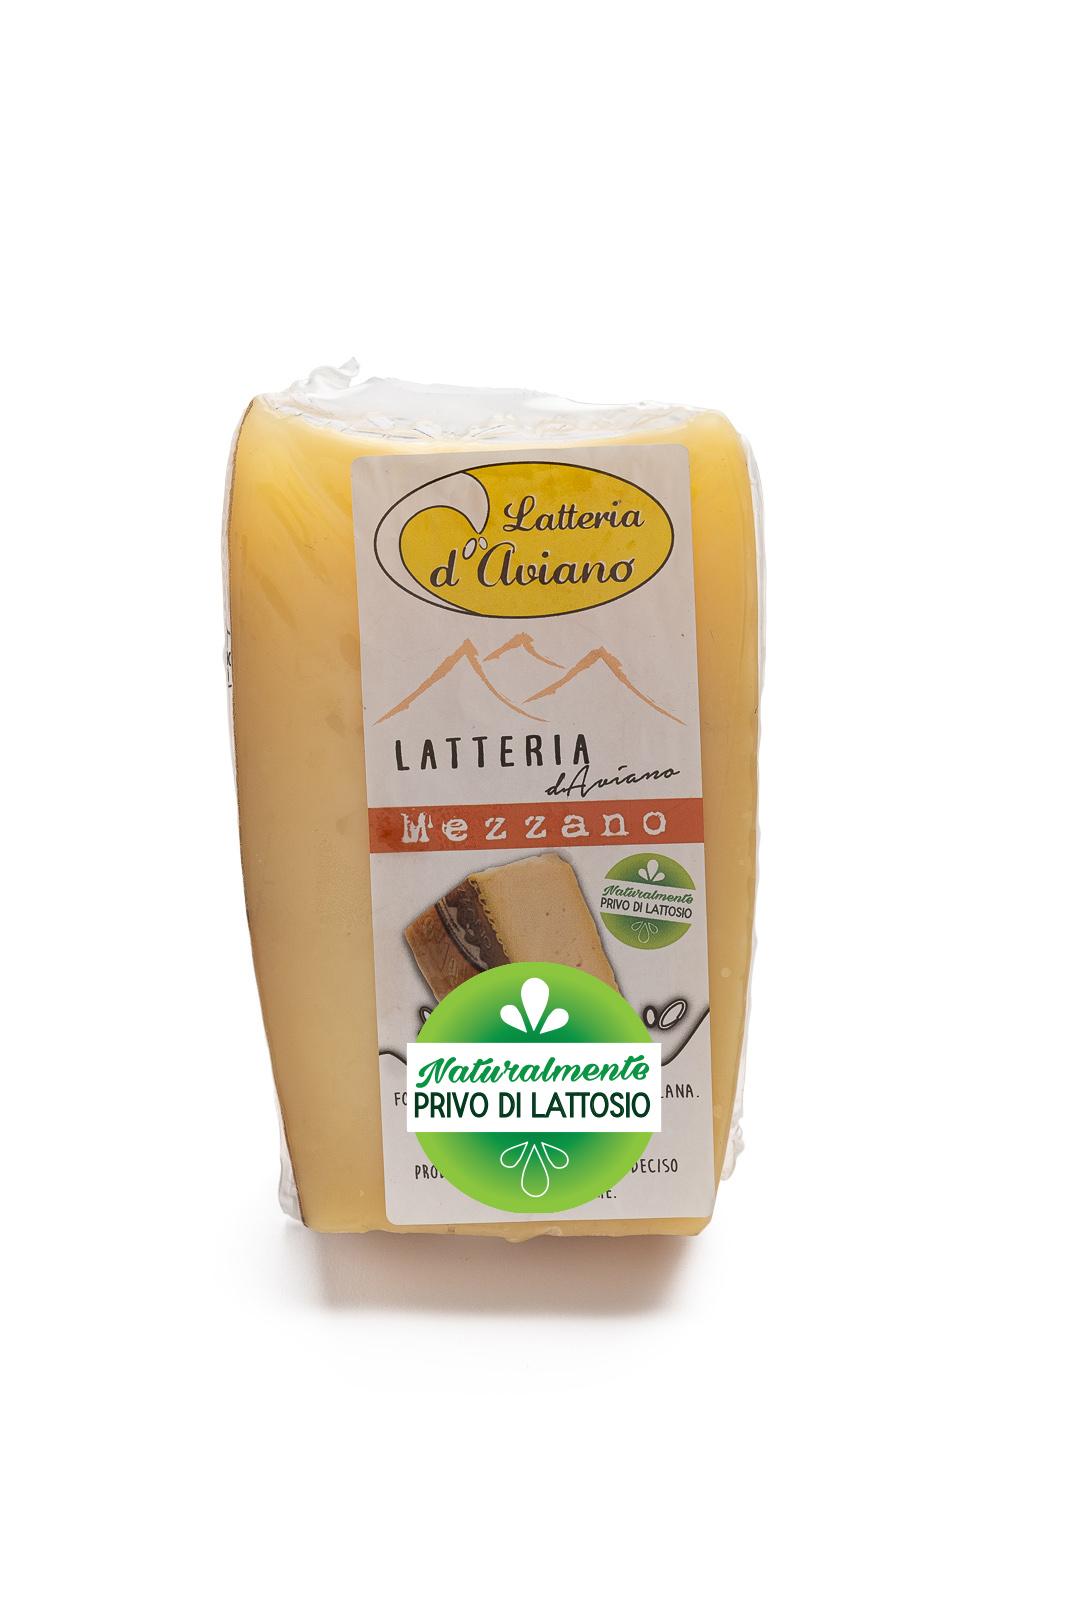 Formaggio - senza lattosio - latteria d'Aviano mezzano - Del Ben formaggi - 300g